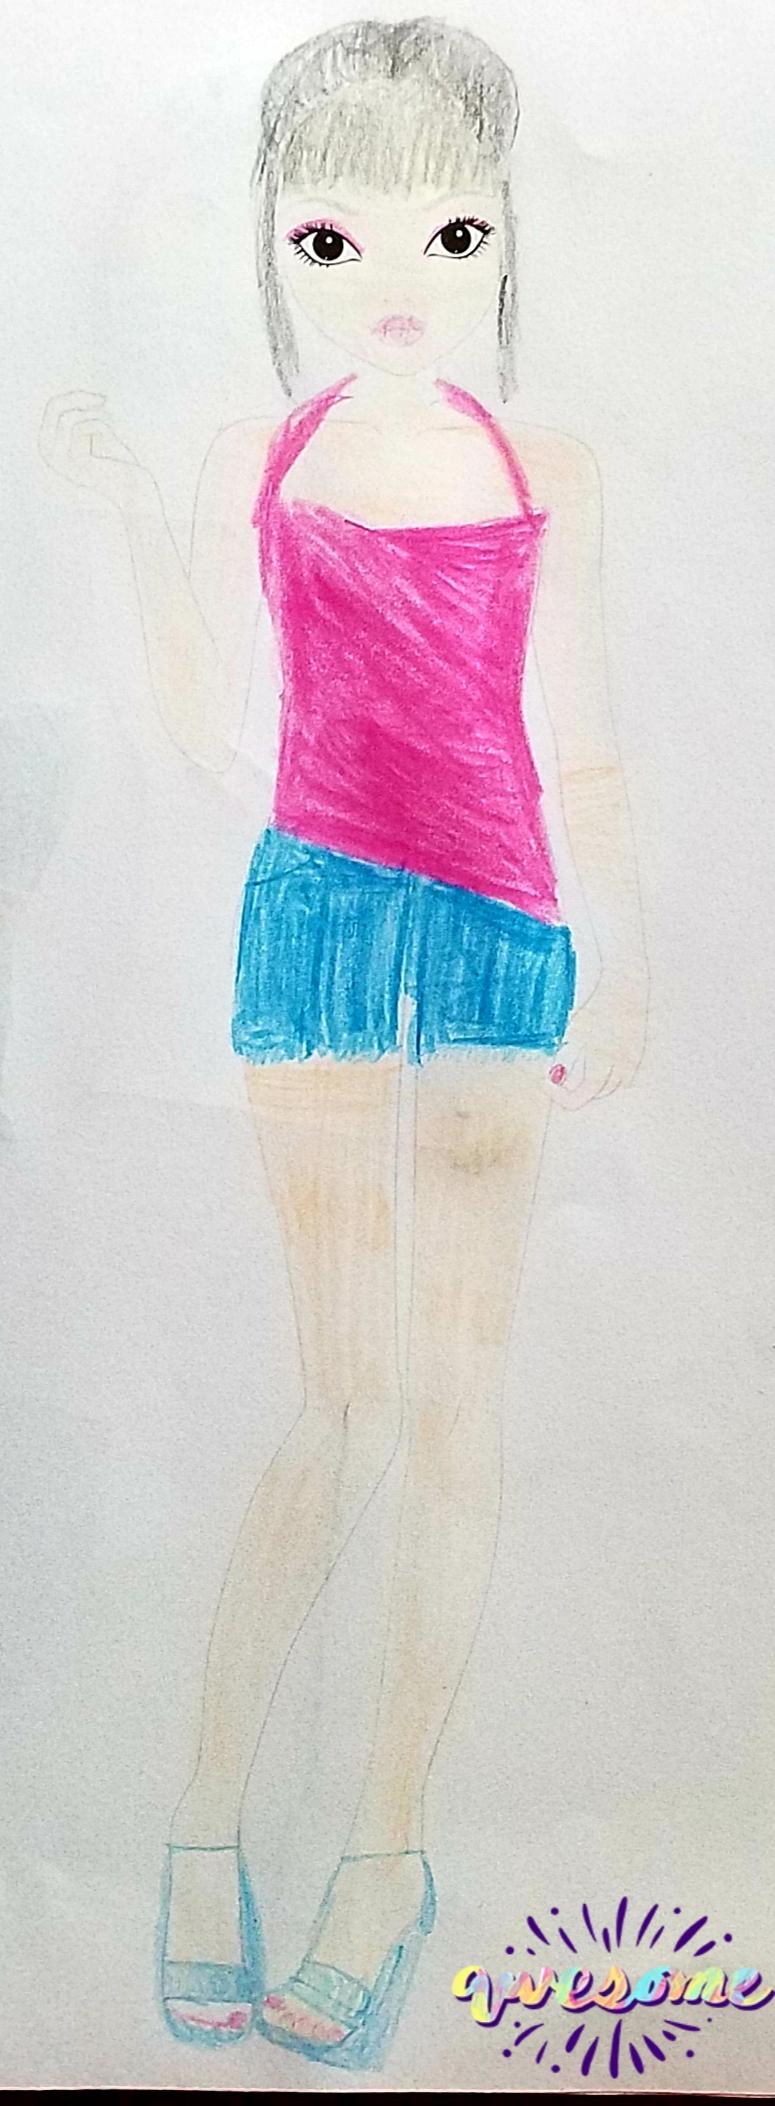 Eléonore G., 10ans, surMONTHOU SUR CHER